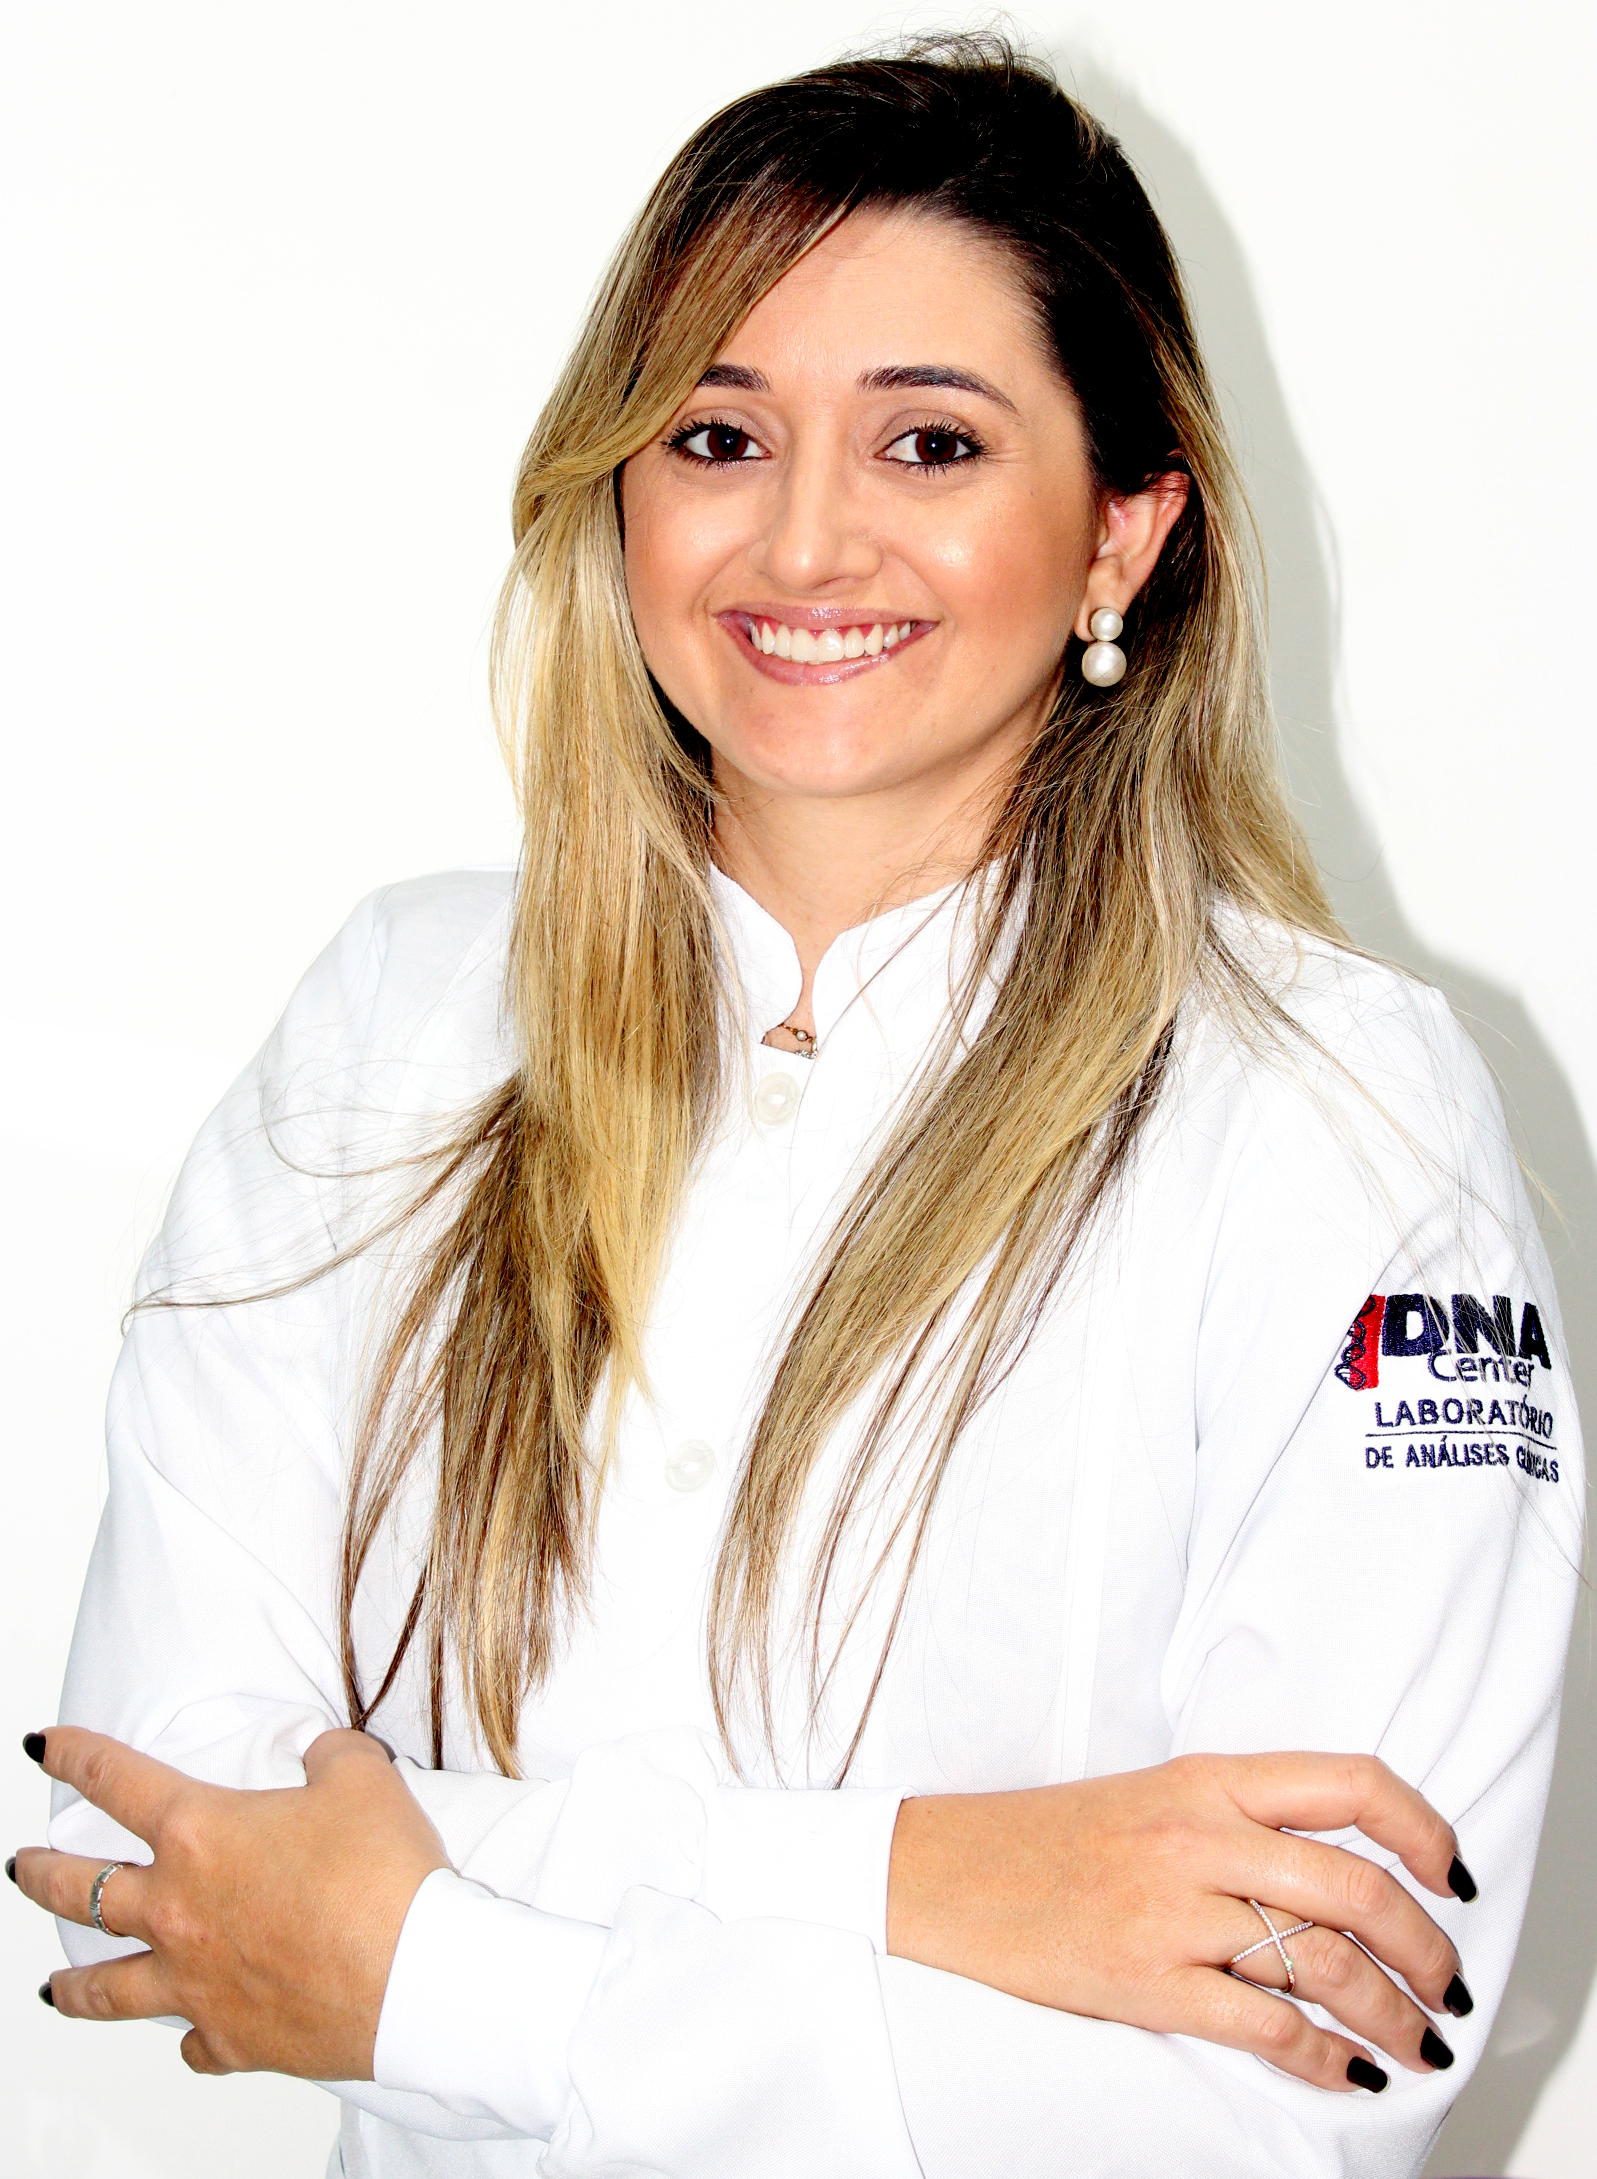 Alinny Araújo